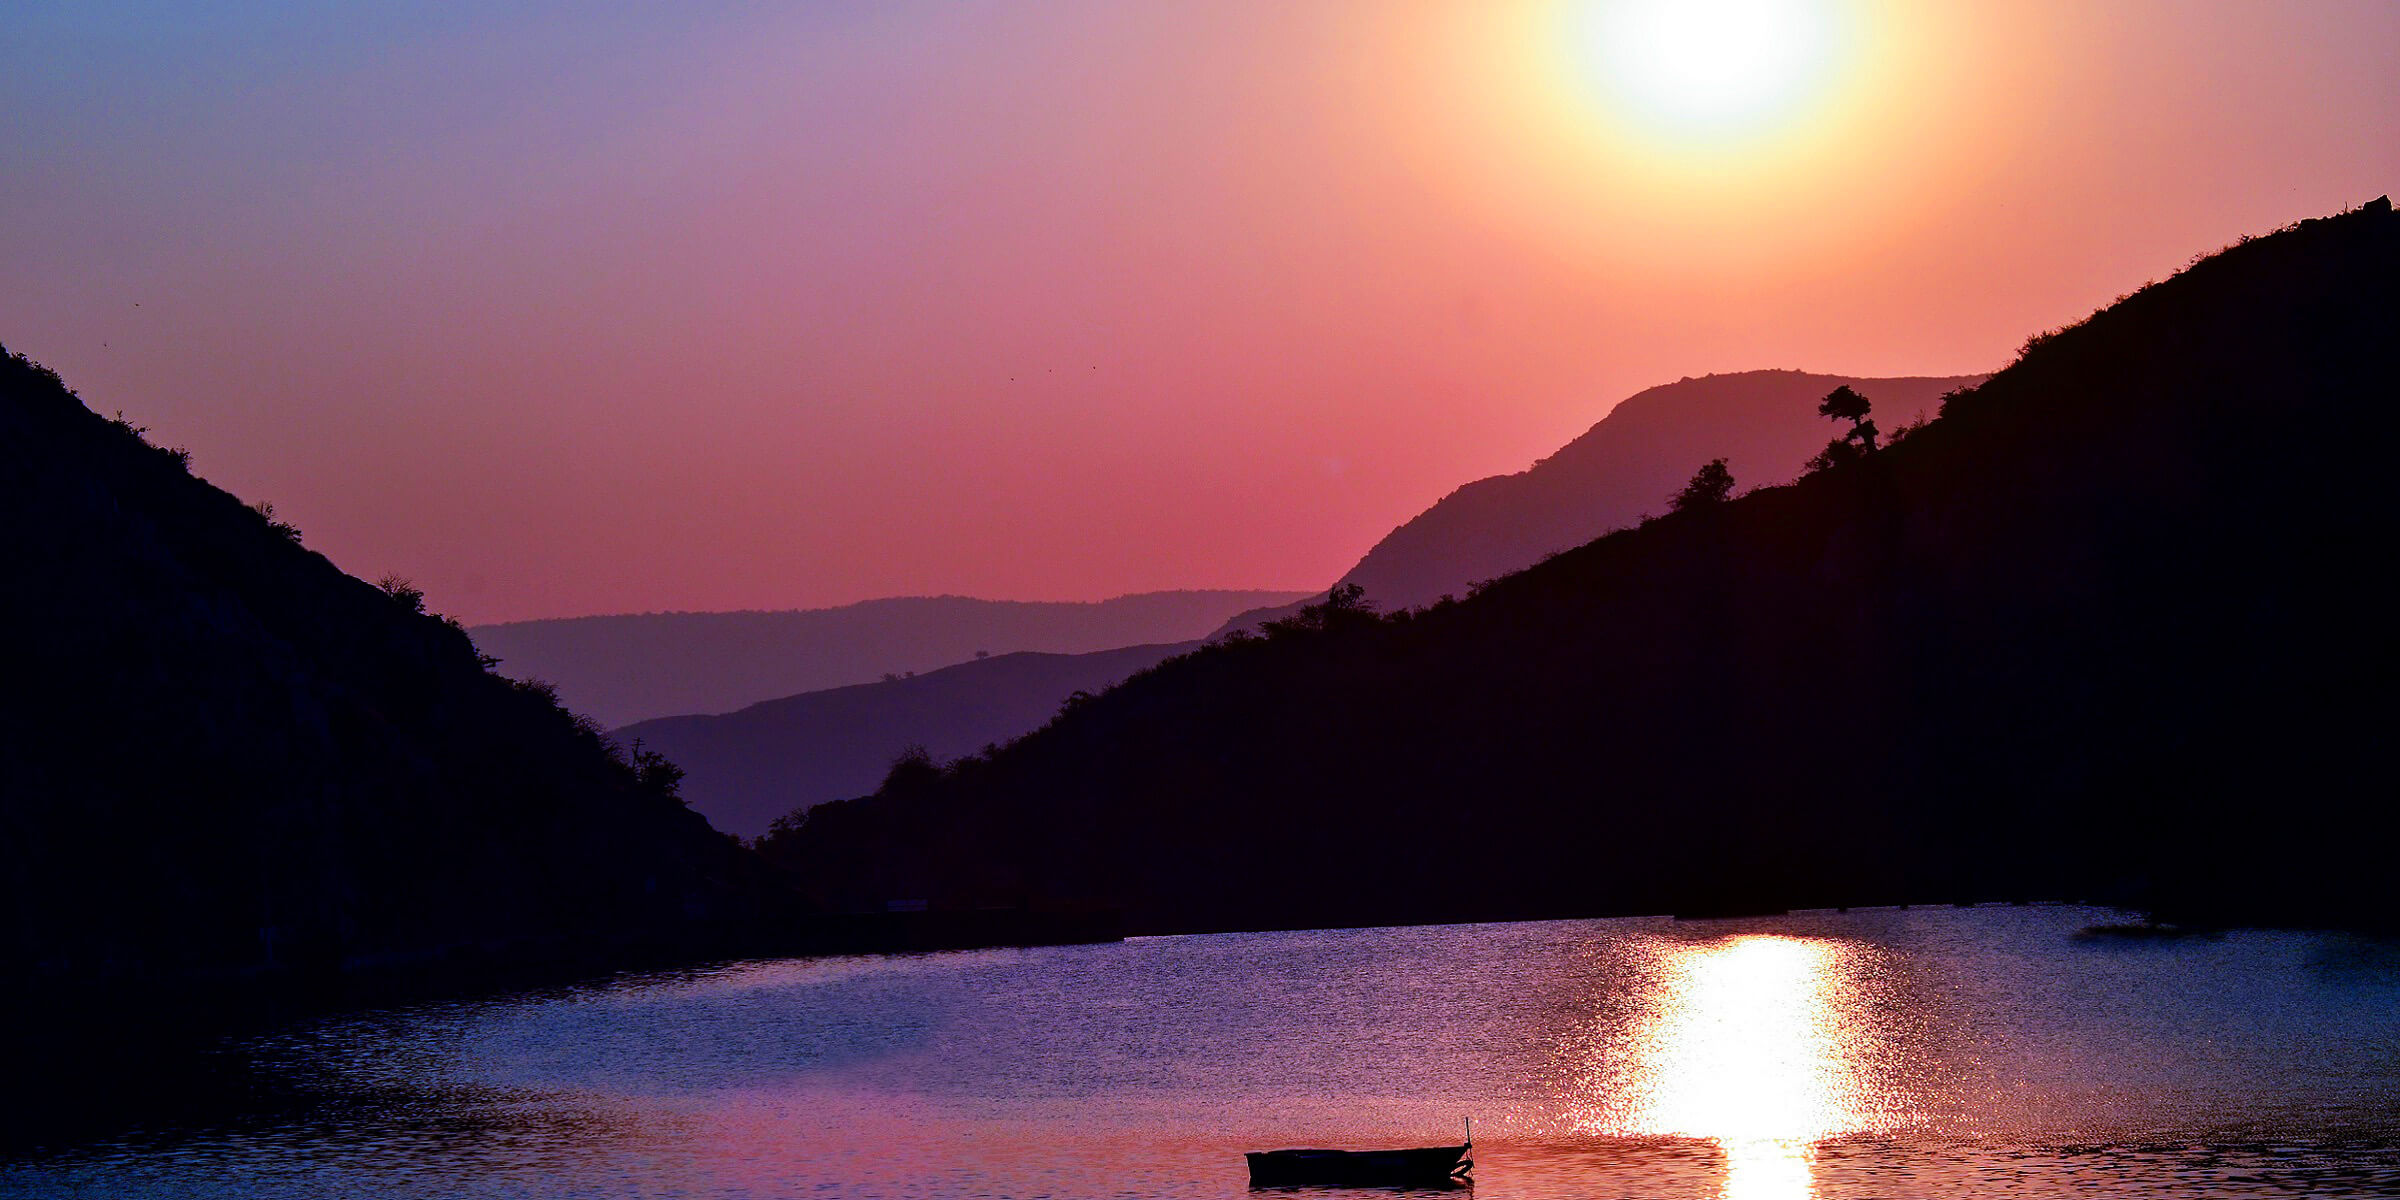 Erleben Sie gemeinsam in Indien atemberaubende Sonnenuntergänge